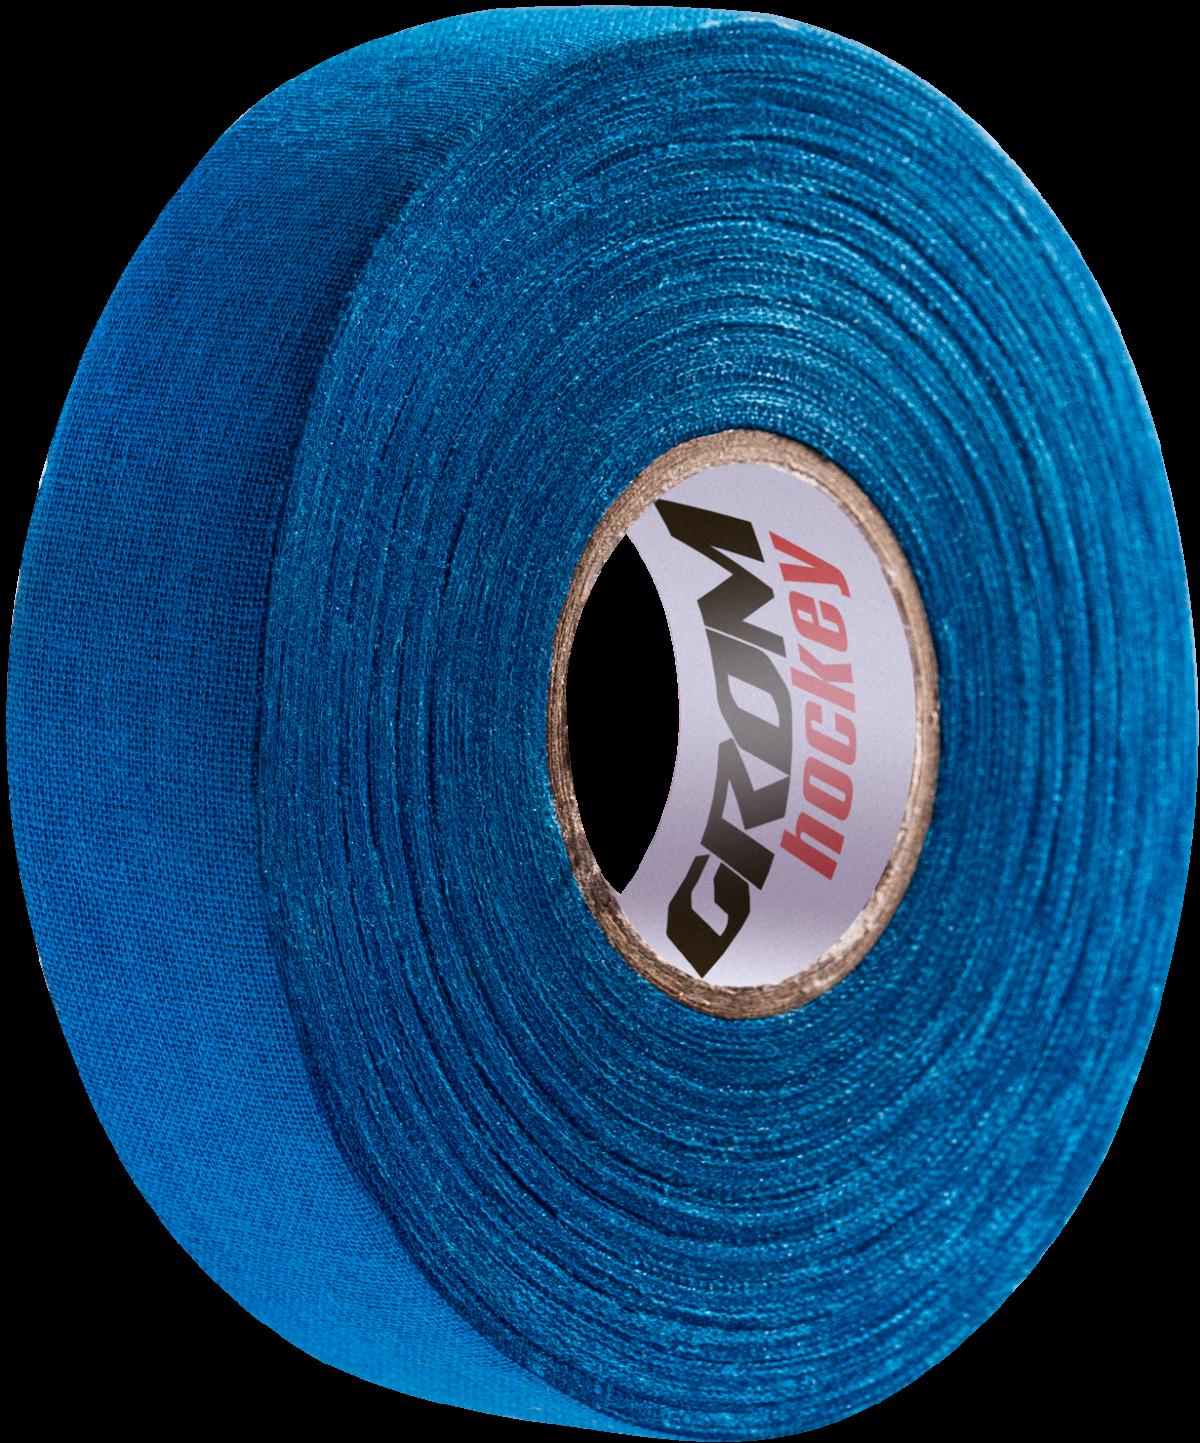 GROM Лента хоккейная для крюка 24мм*25мм  11020: синий - 1